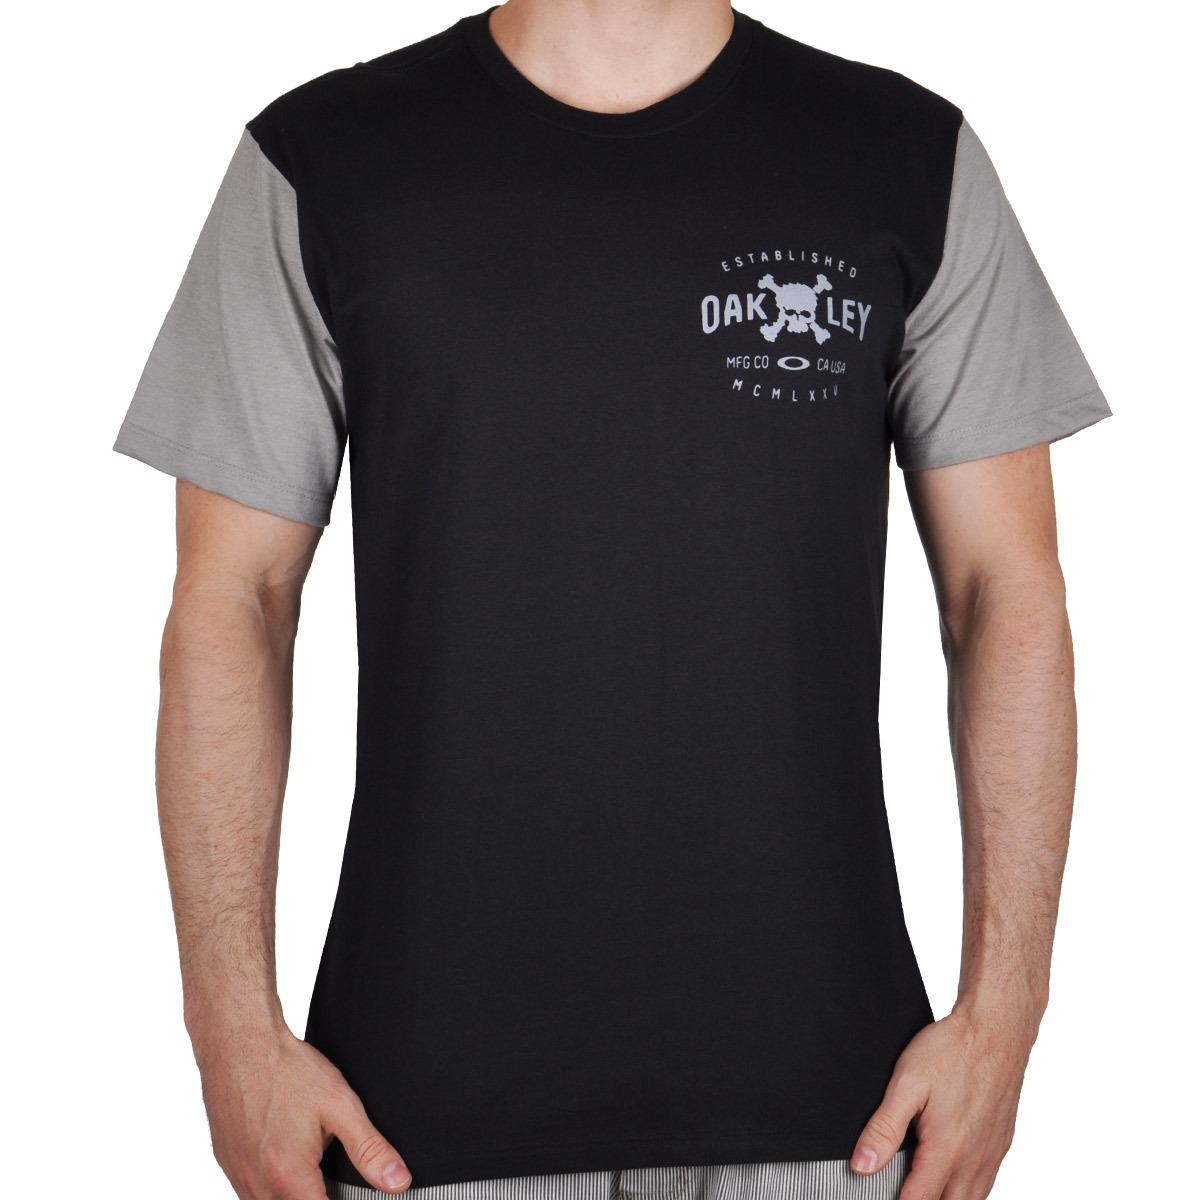 5f88a391fe Camiseta Oakley Skull Seal Preto - Cut Wave - R  49